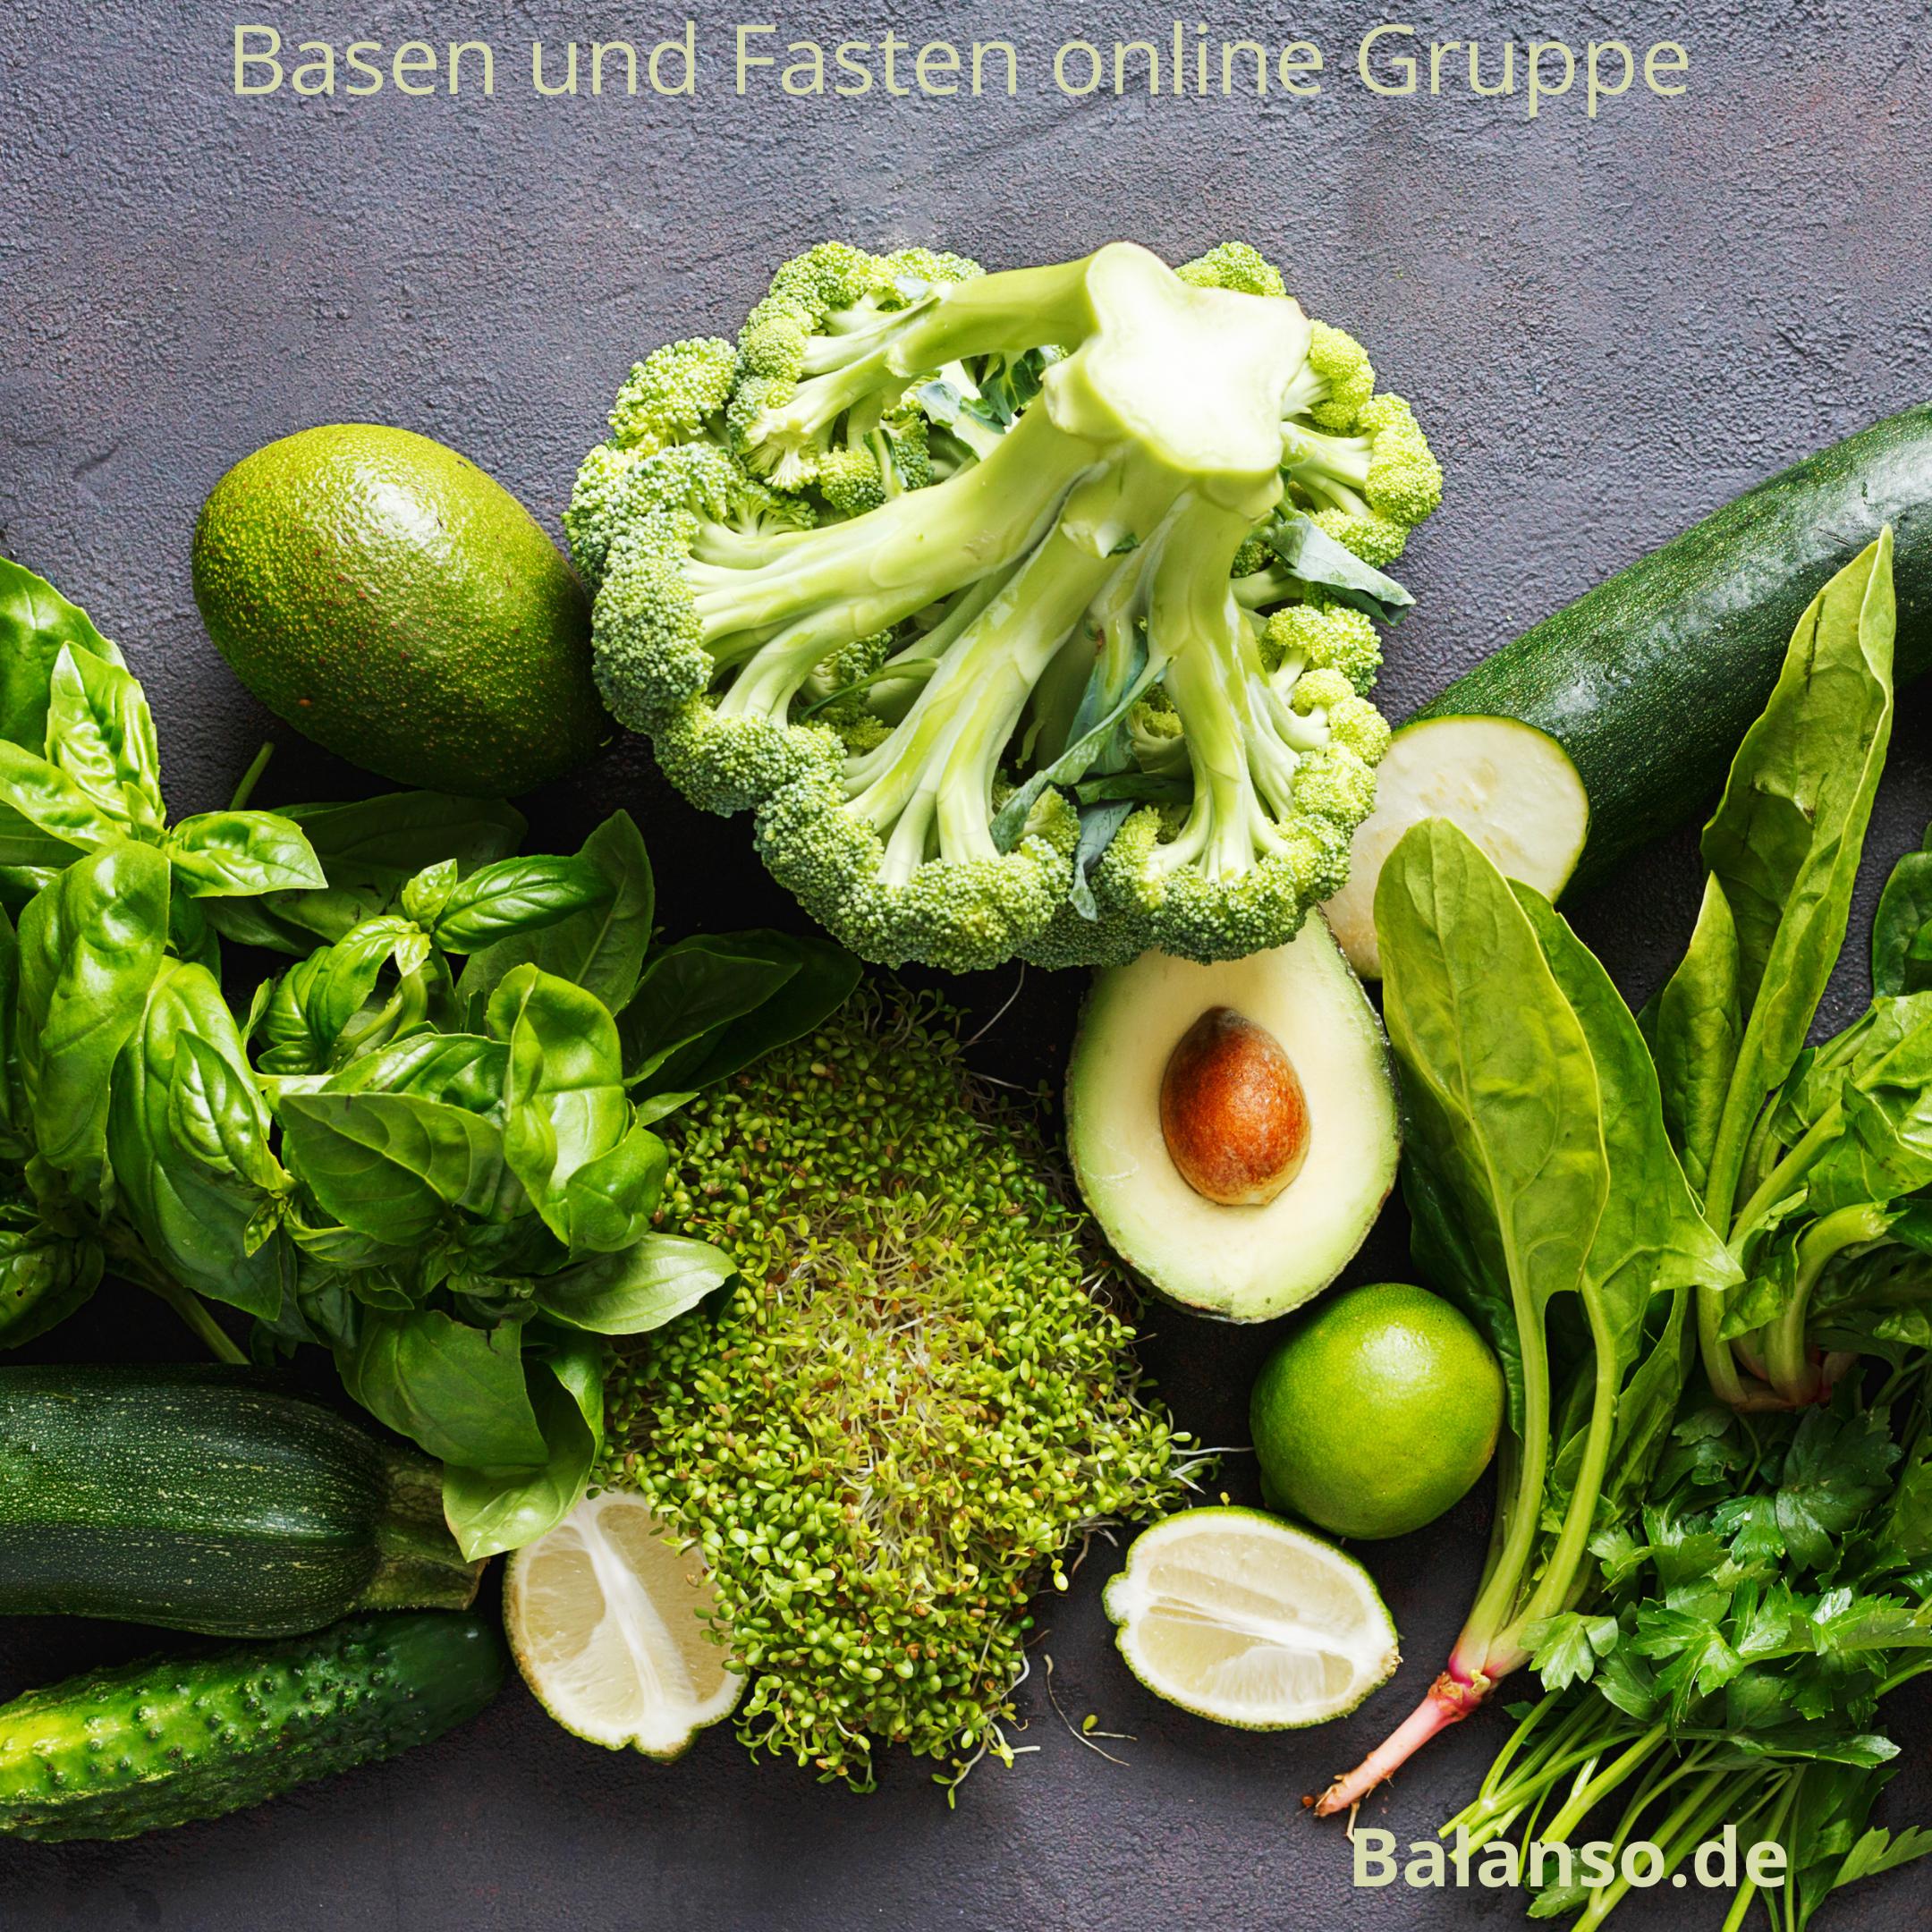 Basen und Fasten Kurse – online Fastengruppe